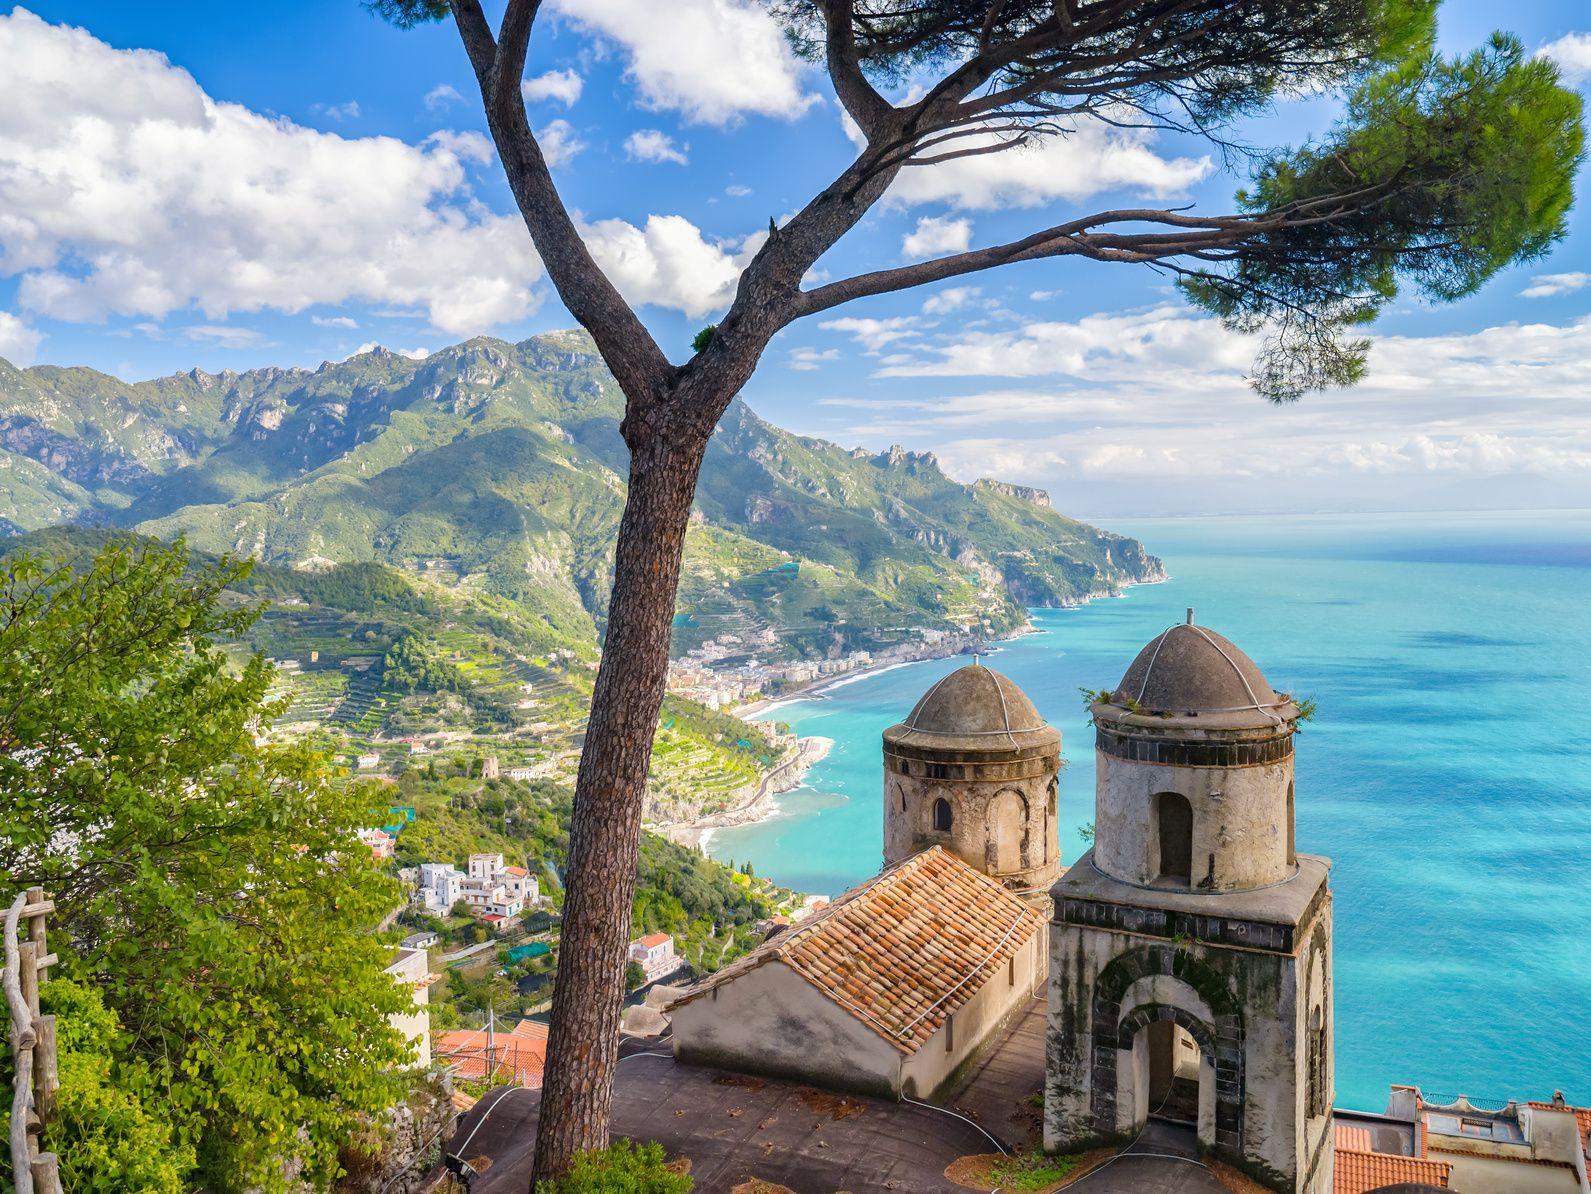 Enge Gassen, kleine Häuser und schöne Kirchen - die Orte an der Amalfiküste laden zum Anlegen ein, wie hier Ravello. ©refreshPIX/AdobeStock